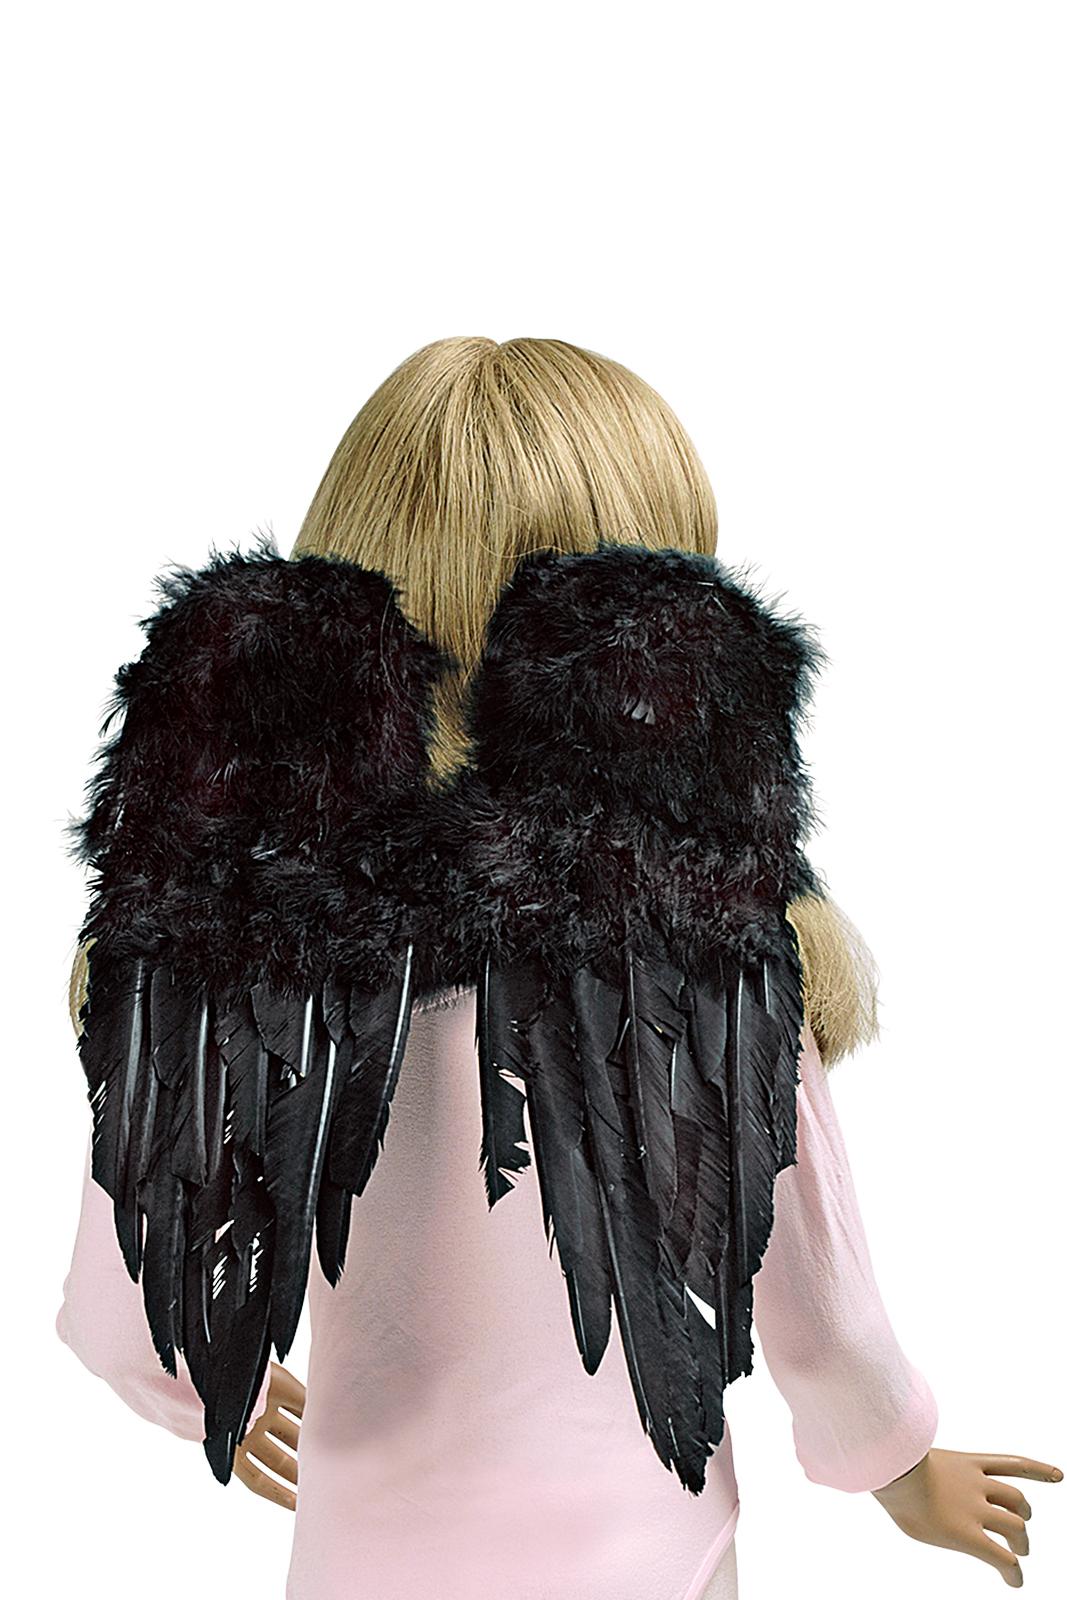 Engel Flügel, Federn SCHWARZ, Kinder Erwachsene 30x45 cm, Weihnachten Karneval